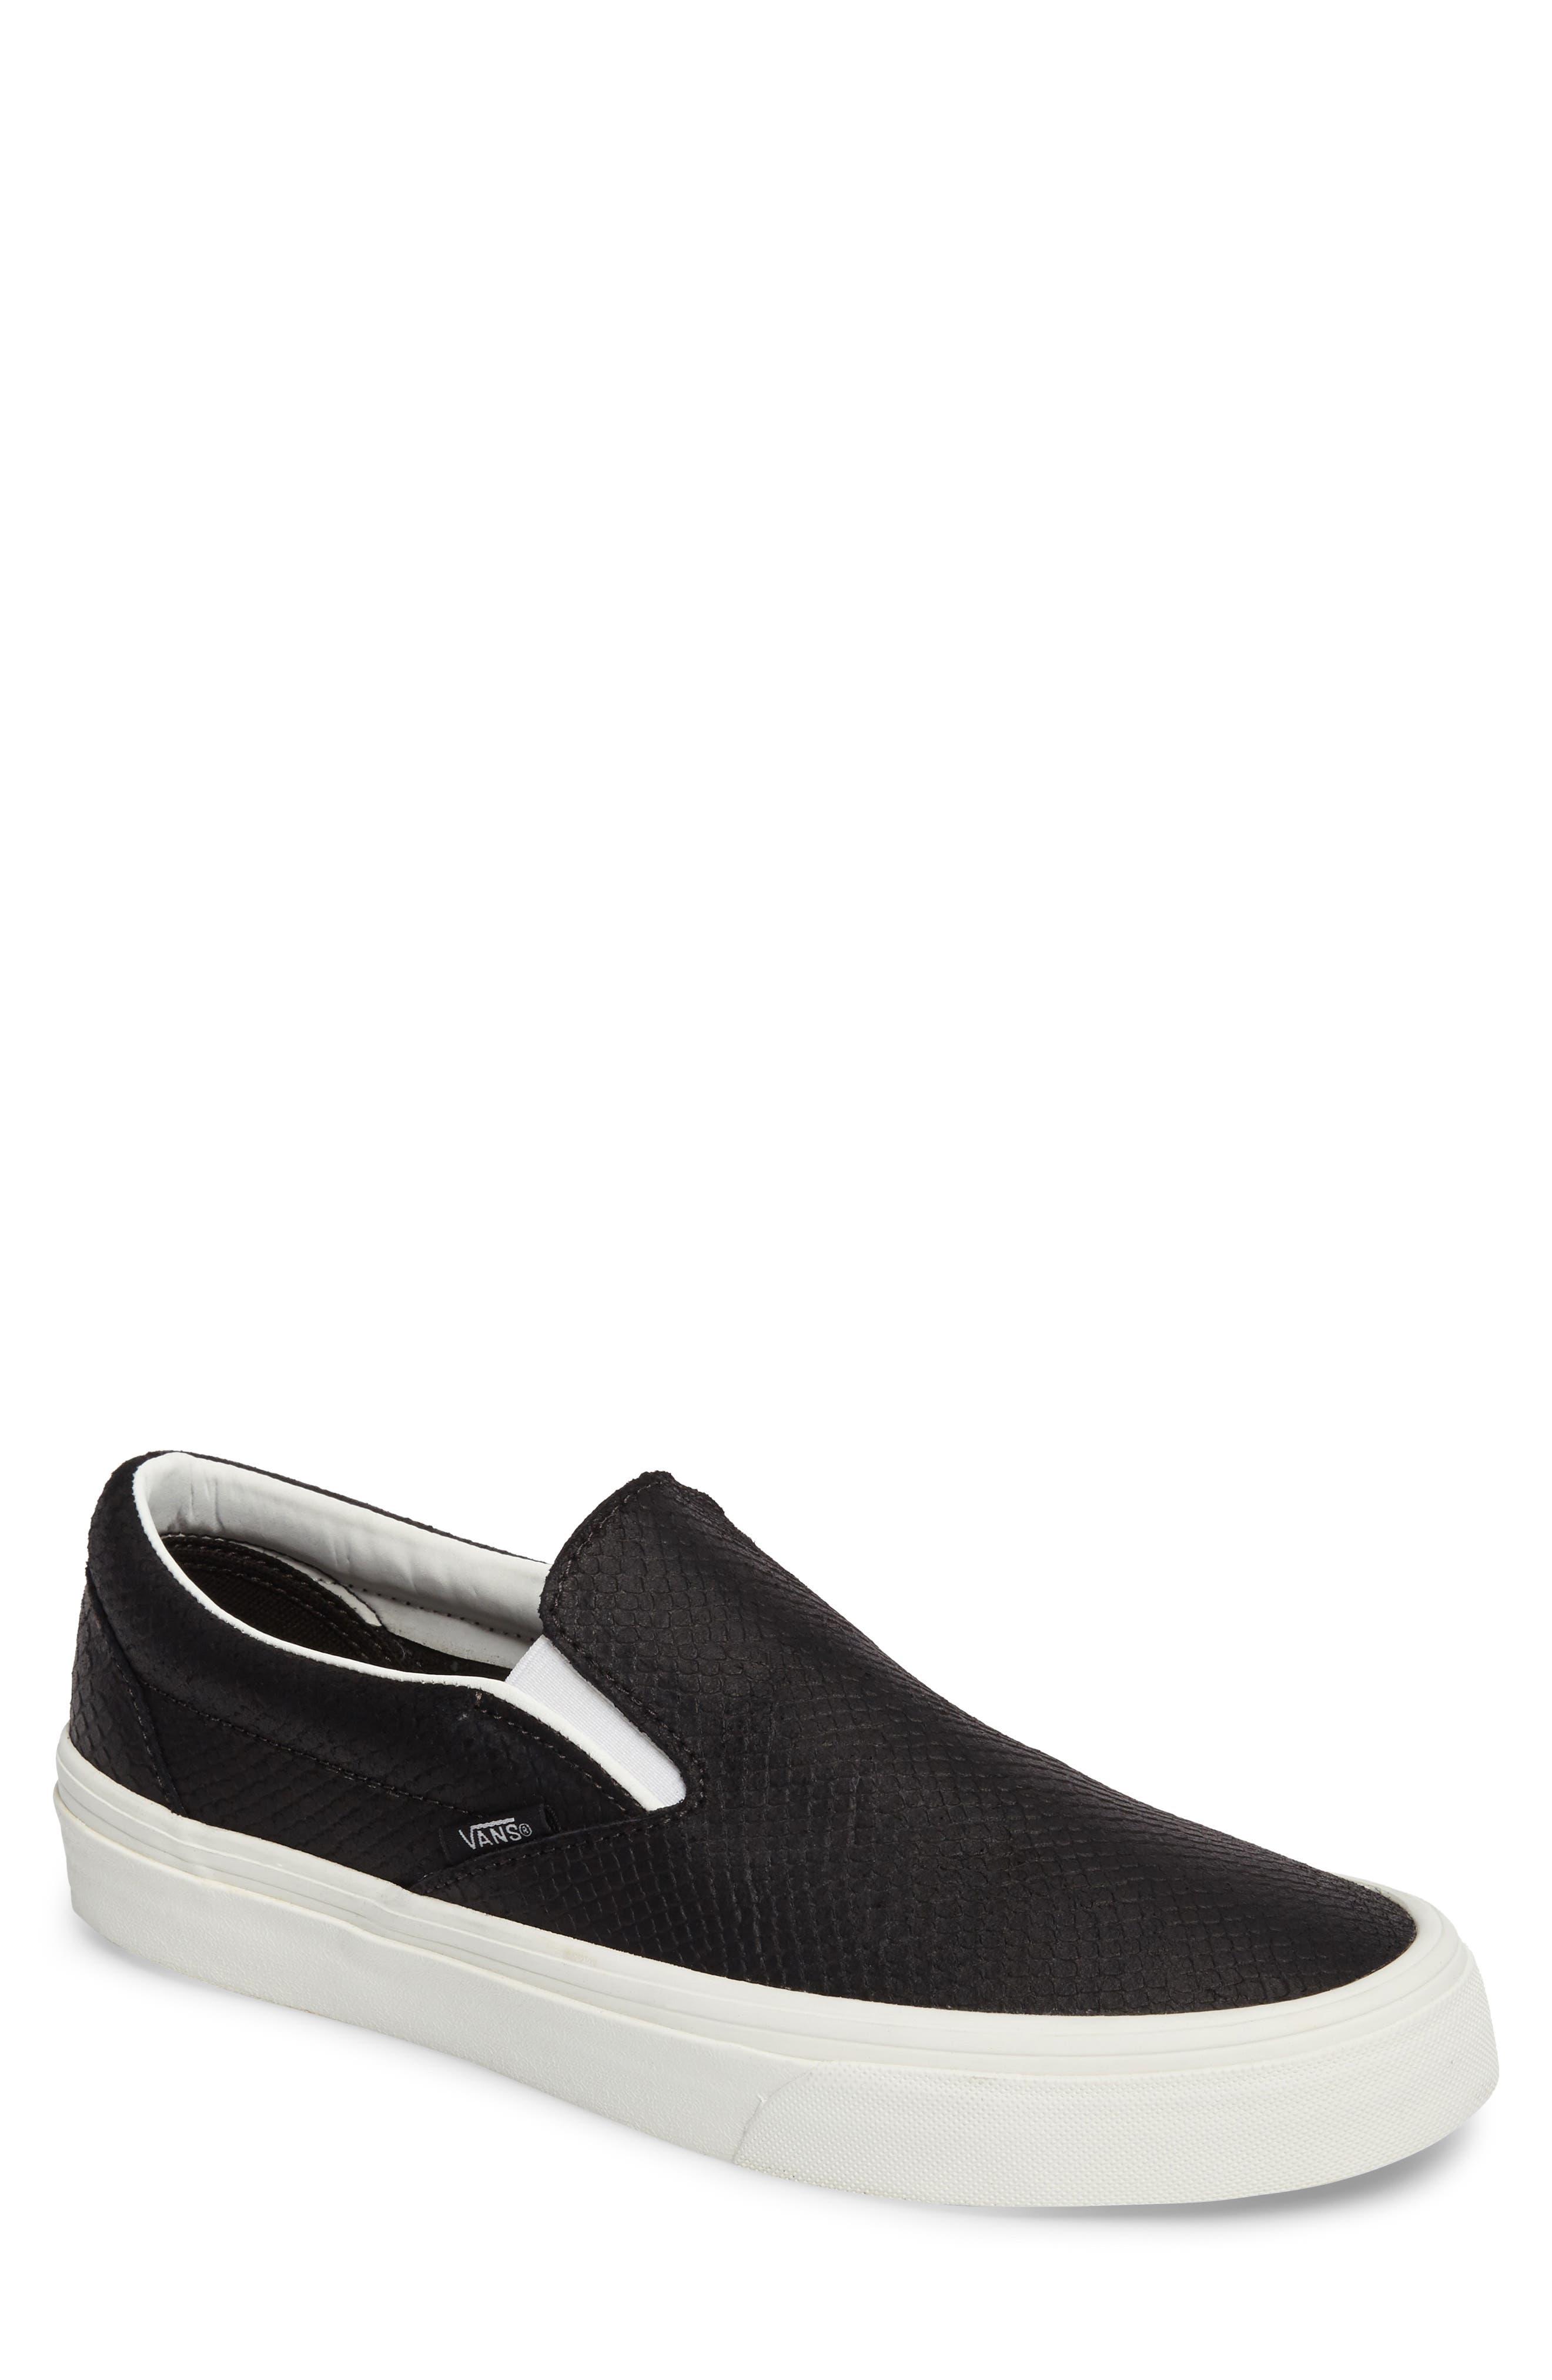 Main Image - Vans 'Classic' Slip-On Sneaker (Men)